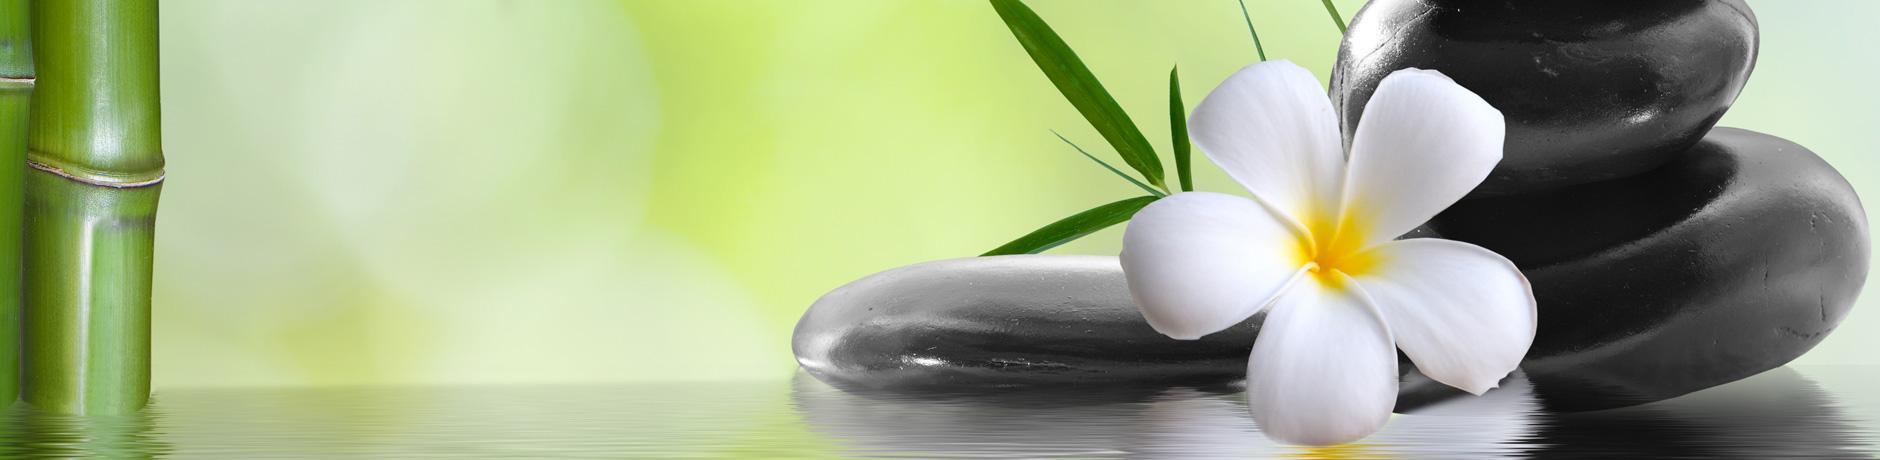 Gesundheitsreise - Zeit für mich | Steinstapel mit Lotusblüte